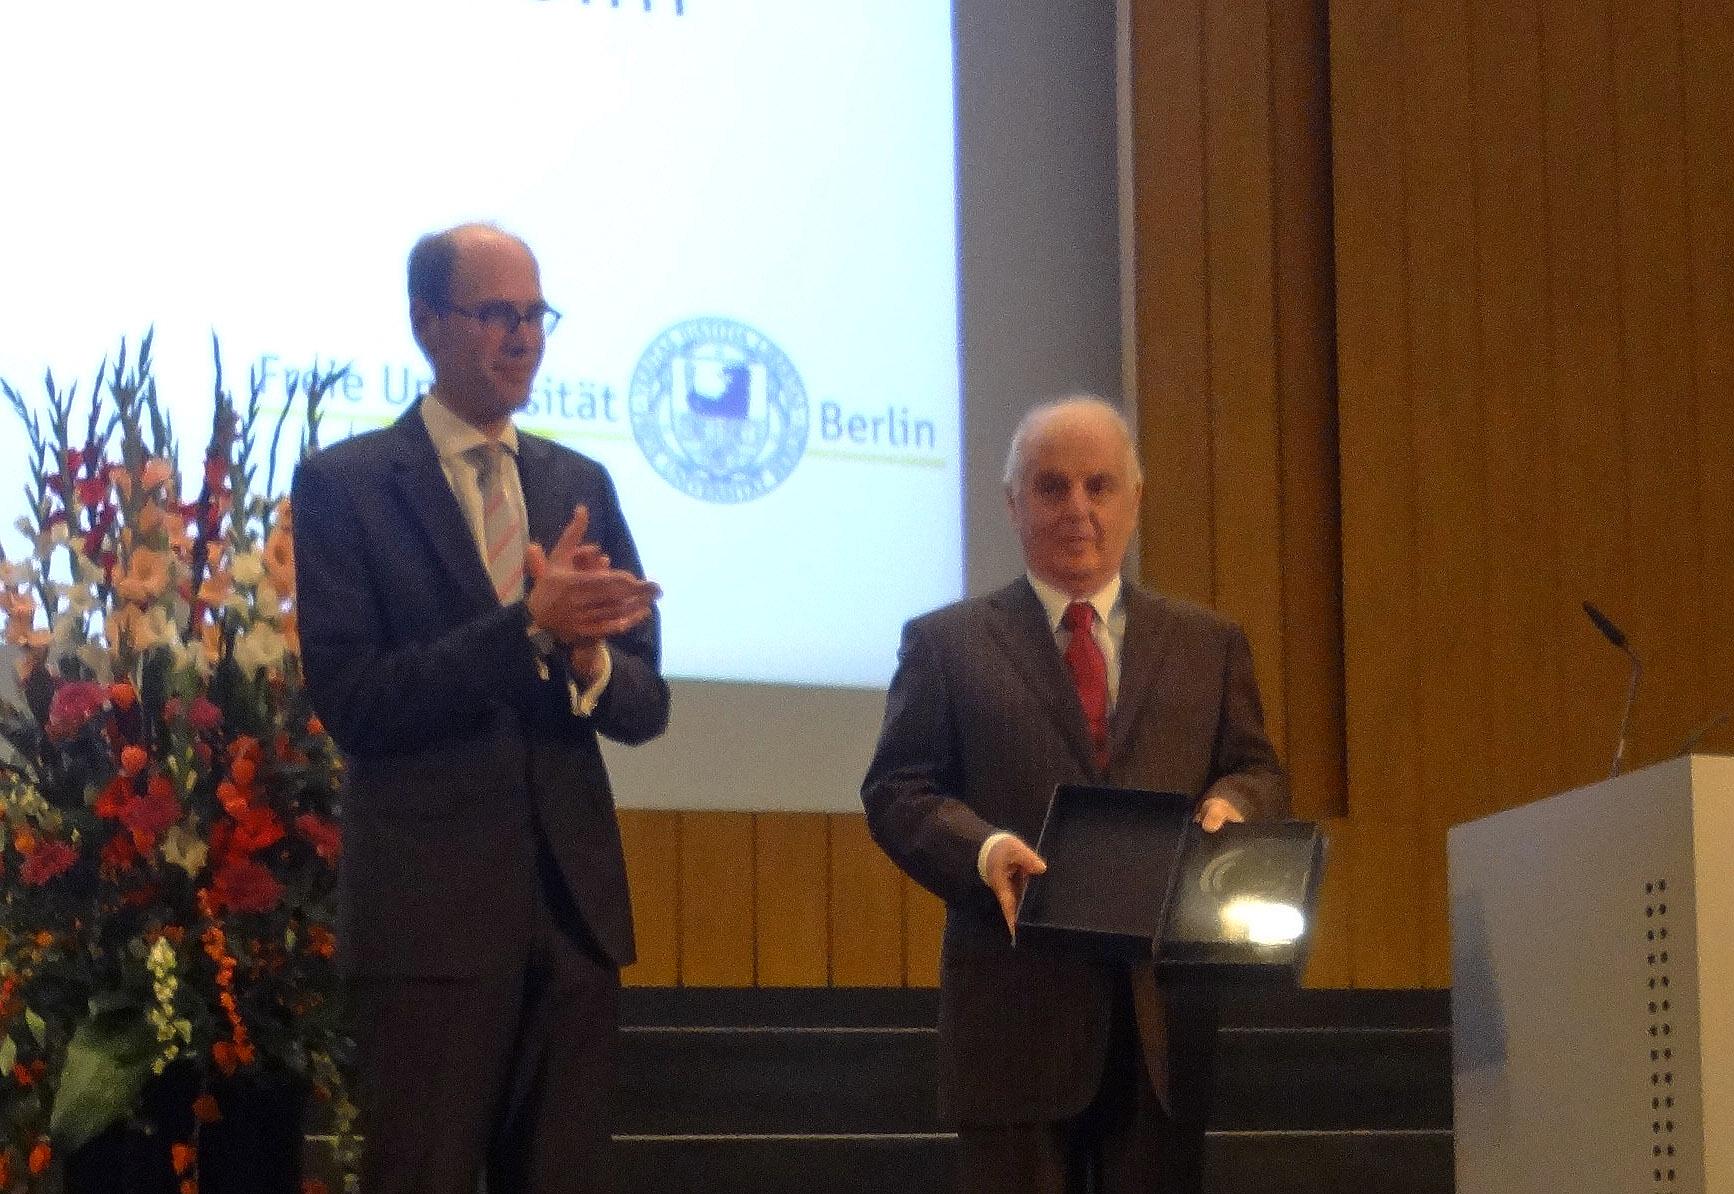 Peter-André Alt gratuliert Daniel Barenboim. Foto: Lior Shechori